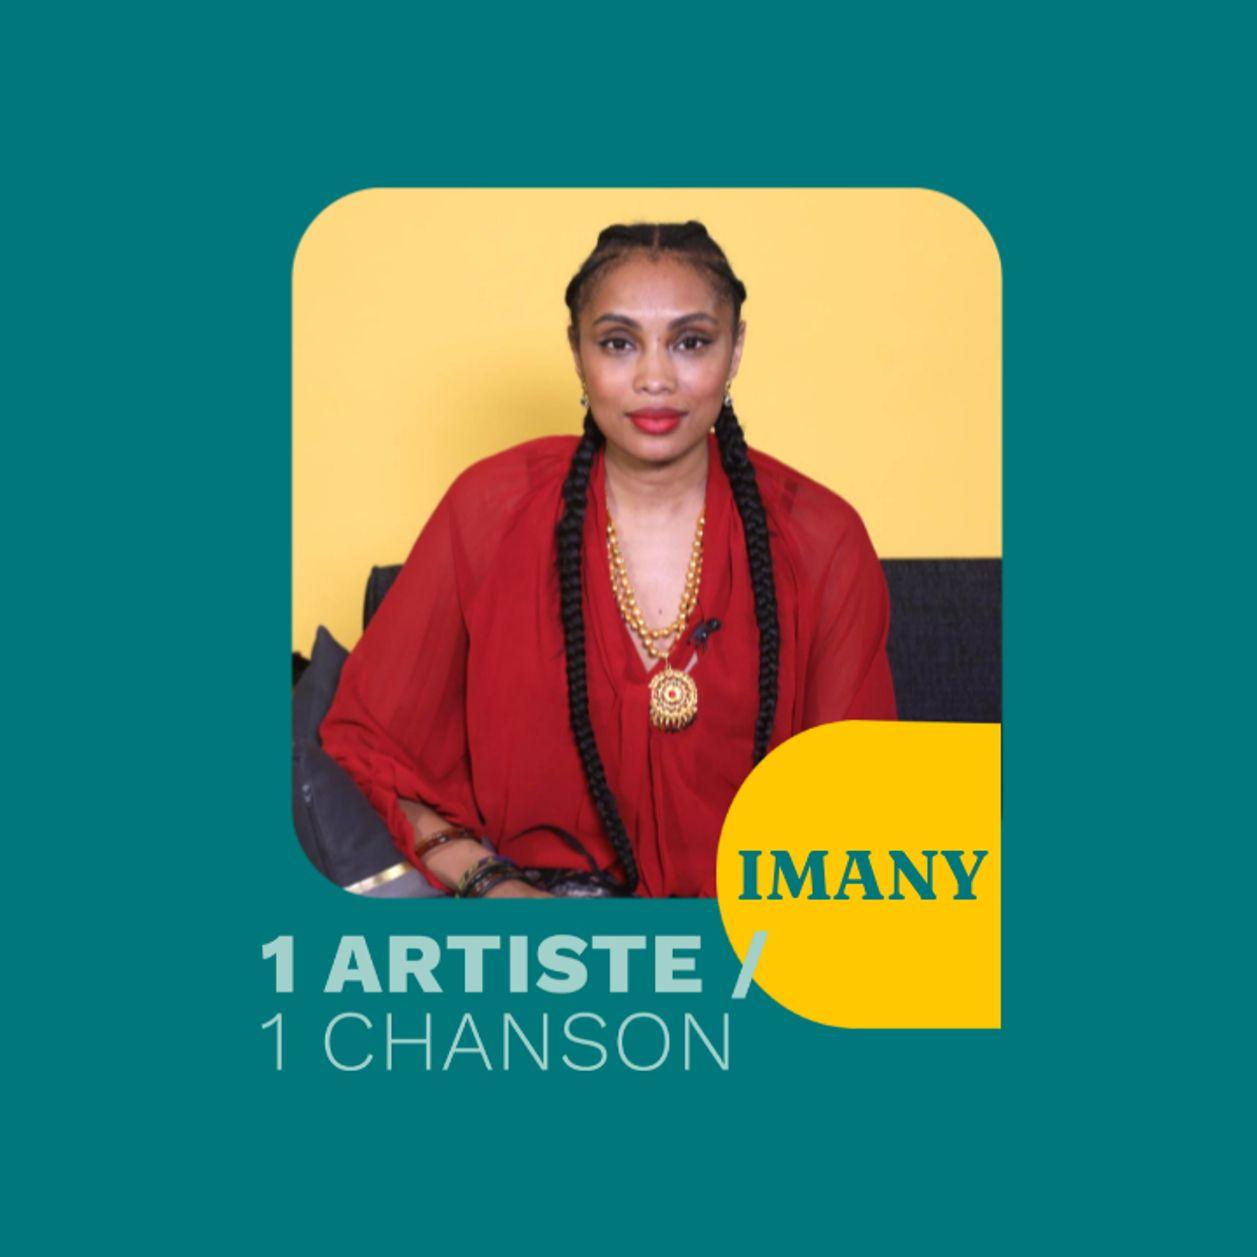 1 Artiste/ 1 Chanson : Les coups de coeur chansons d'Imany